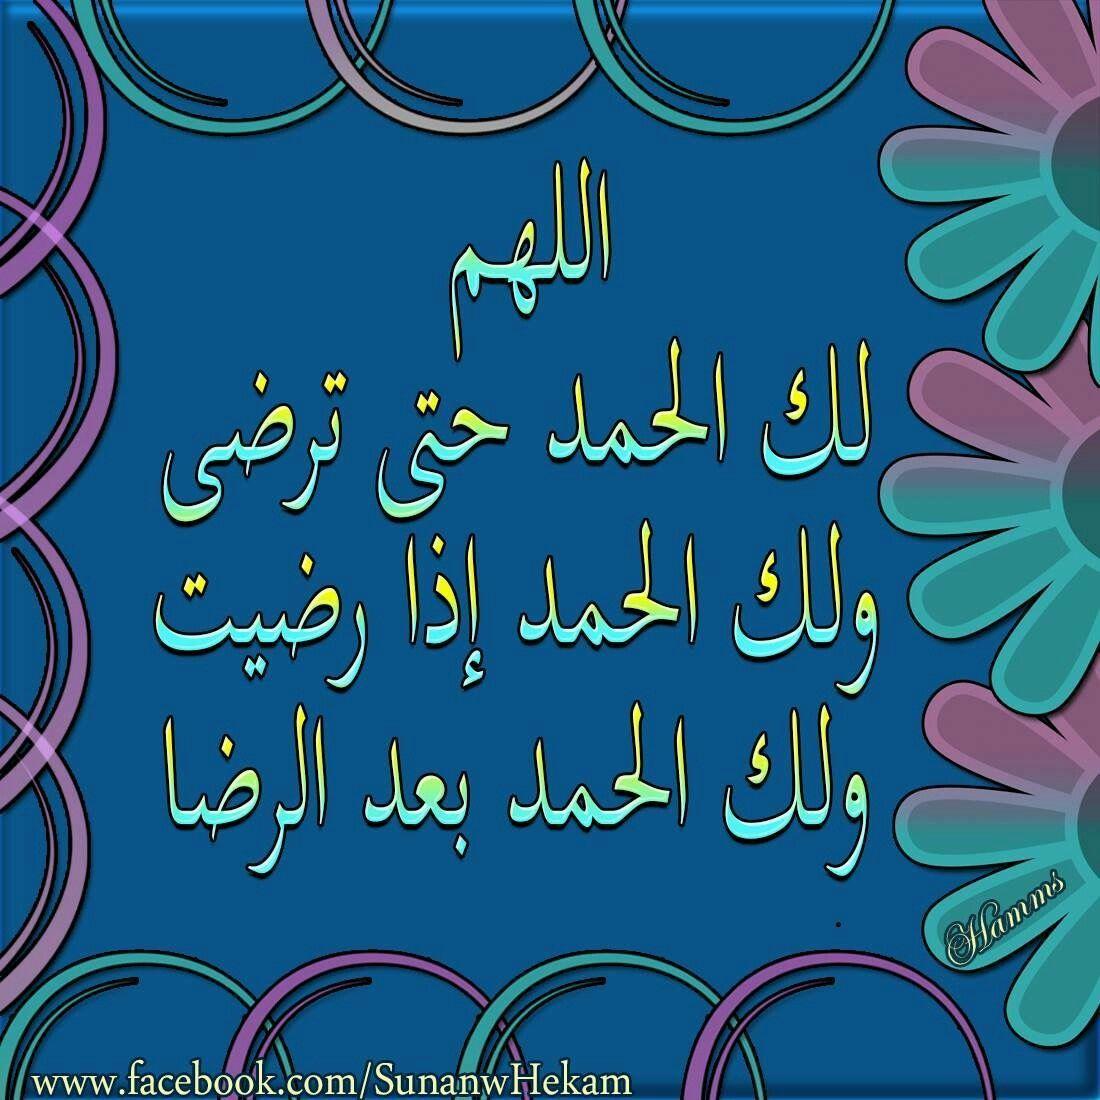 اللهم لك الحمد حتى ترضى ولك الحمد اذا رضيت ولك الحمد بعد الرضا Arabic Calligraphy Qoutes Arabic